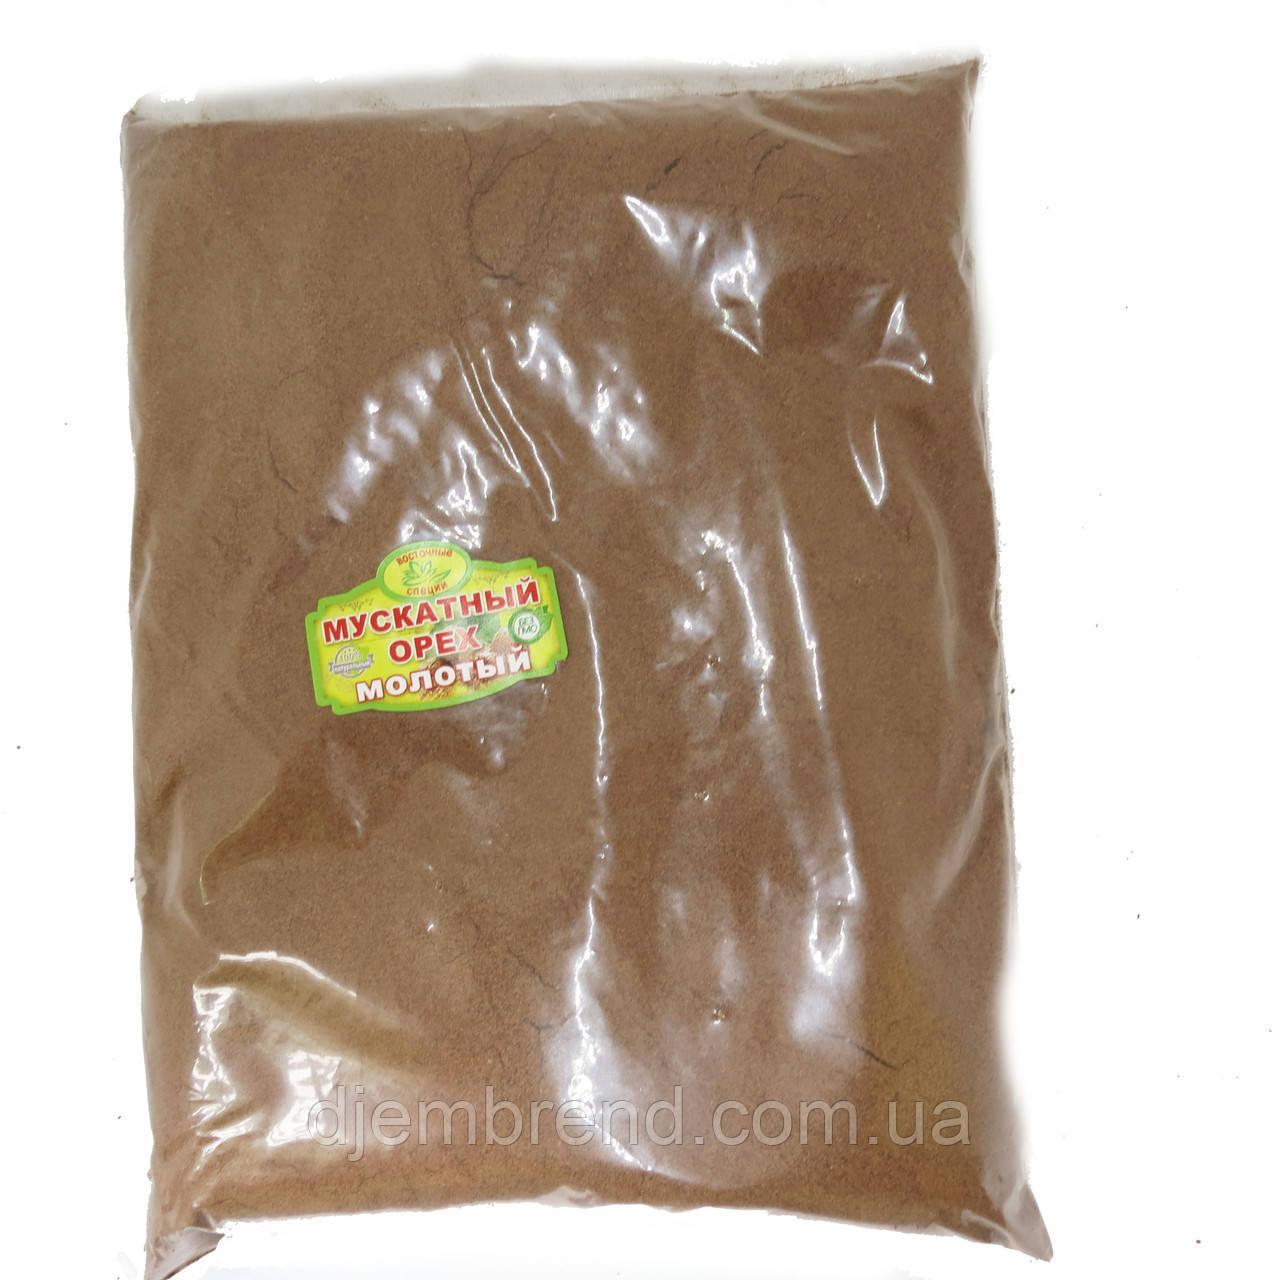 Мускатный орех молотый, 1 кг